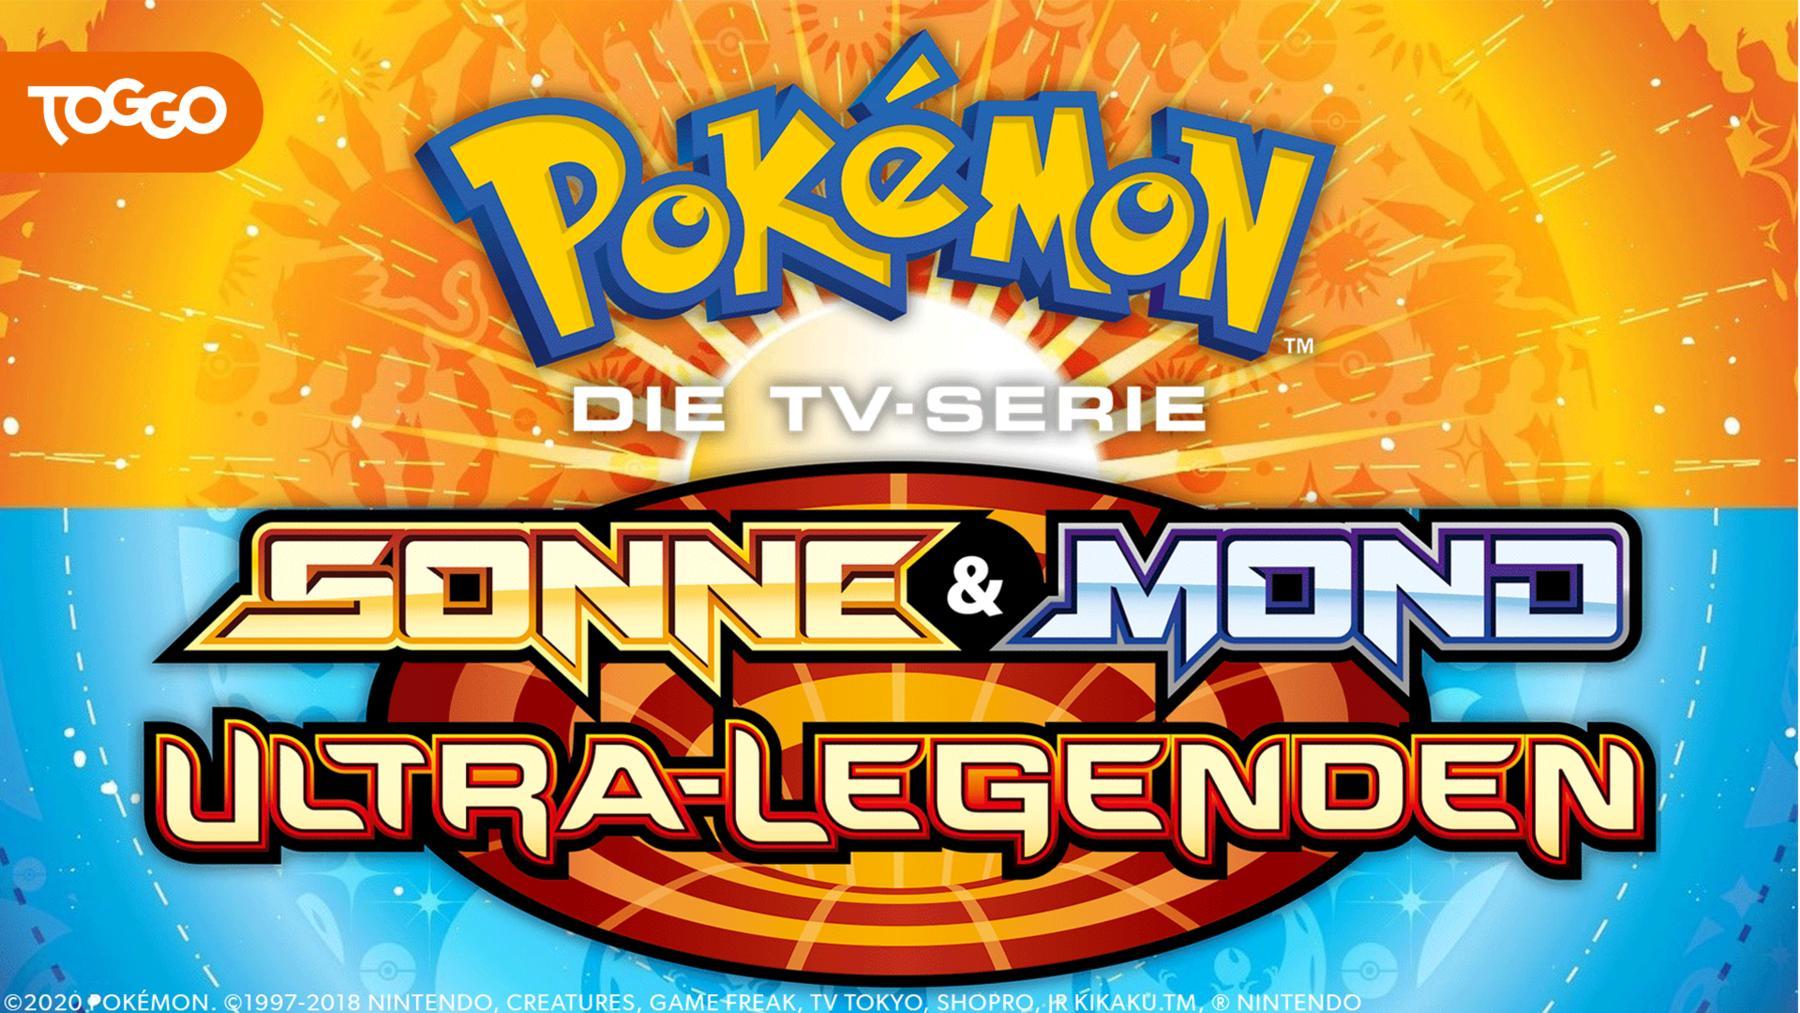 Pokémon - Die TV-Serie: Sonne & Mond - Ultra-Legenden / 22